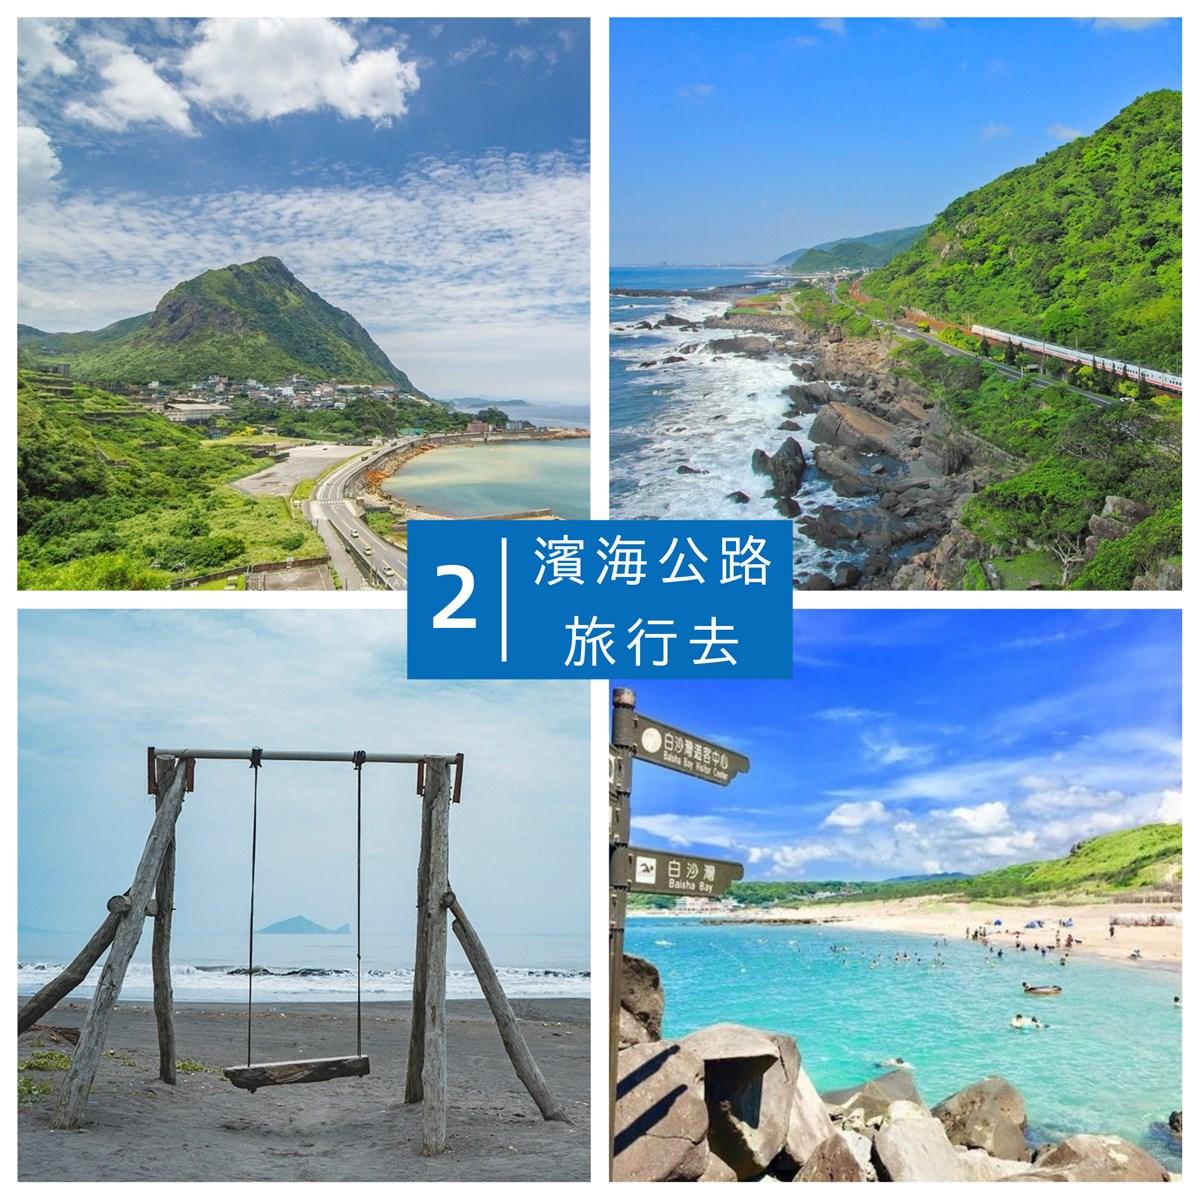 這個夏天,沿著濱海公路,發現沒有太多人的海角秘境!(北濱公路篇)